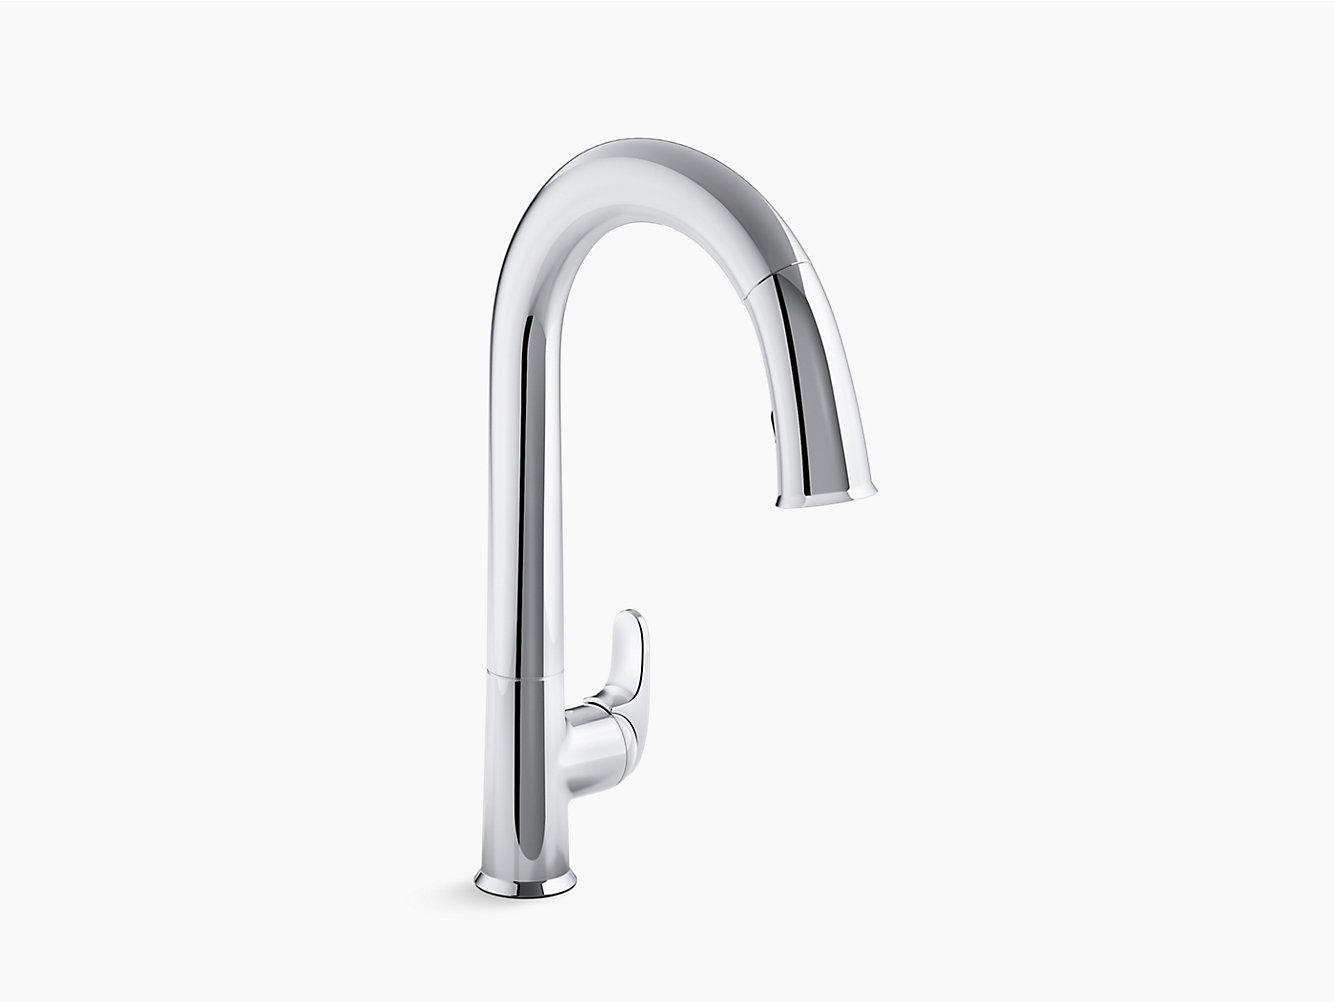 K-72218 | Sensate Touchless Pull-Down Kitchen Sink Faucet | KOHLER